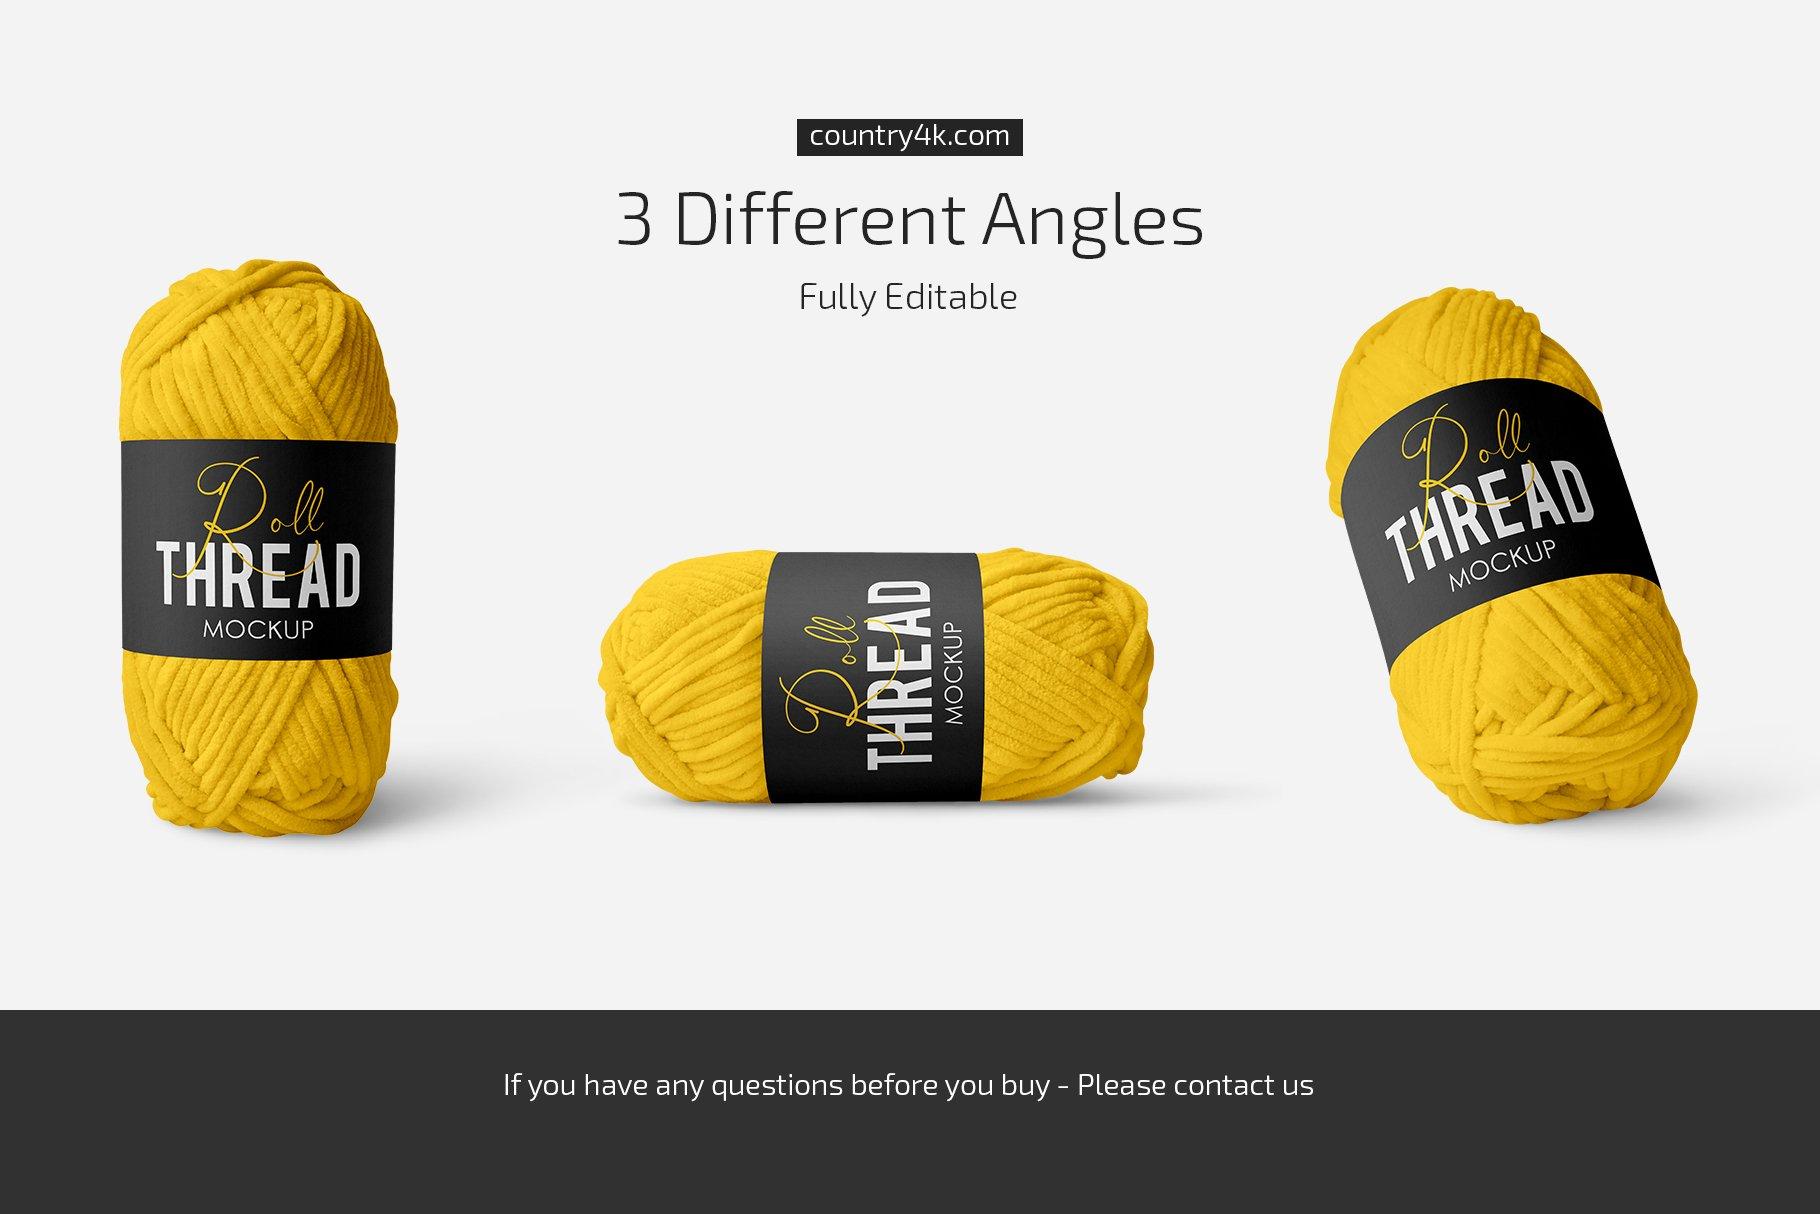 简约螺纹卷毛线标签设计贴图样机套装 Thread Roll Mockup Set插图3